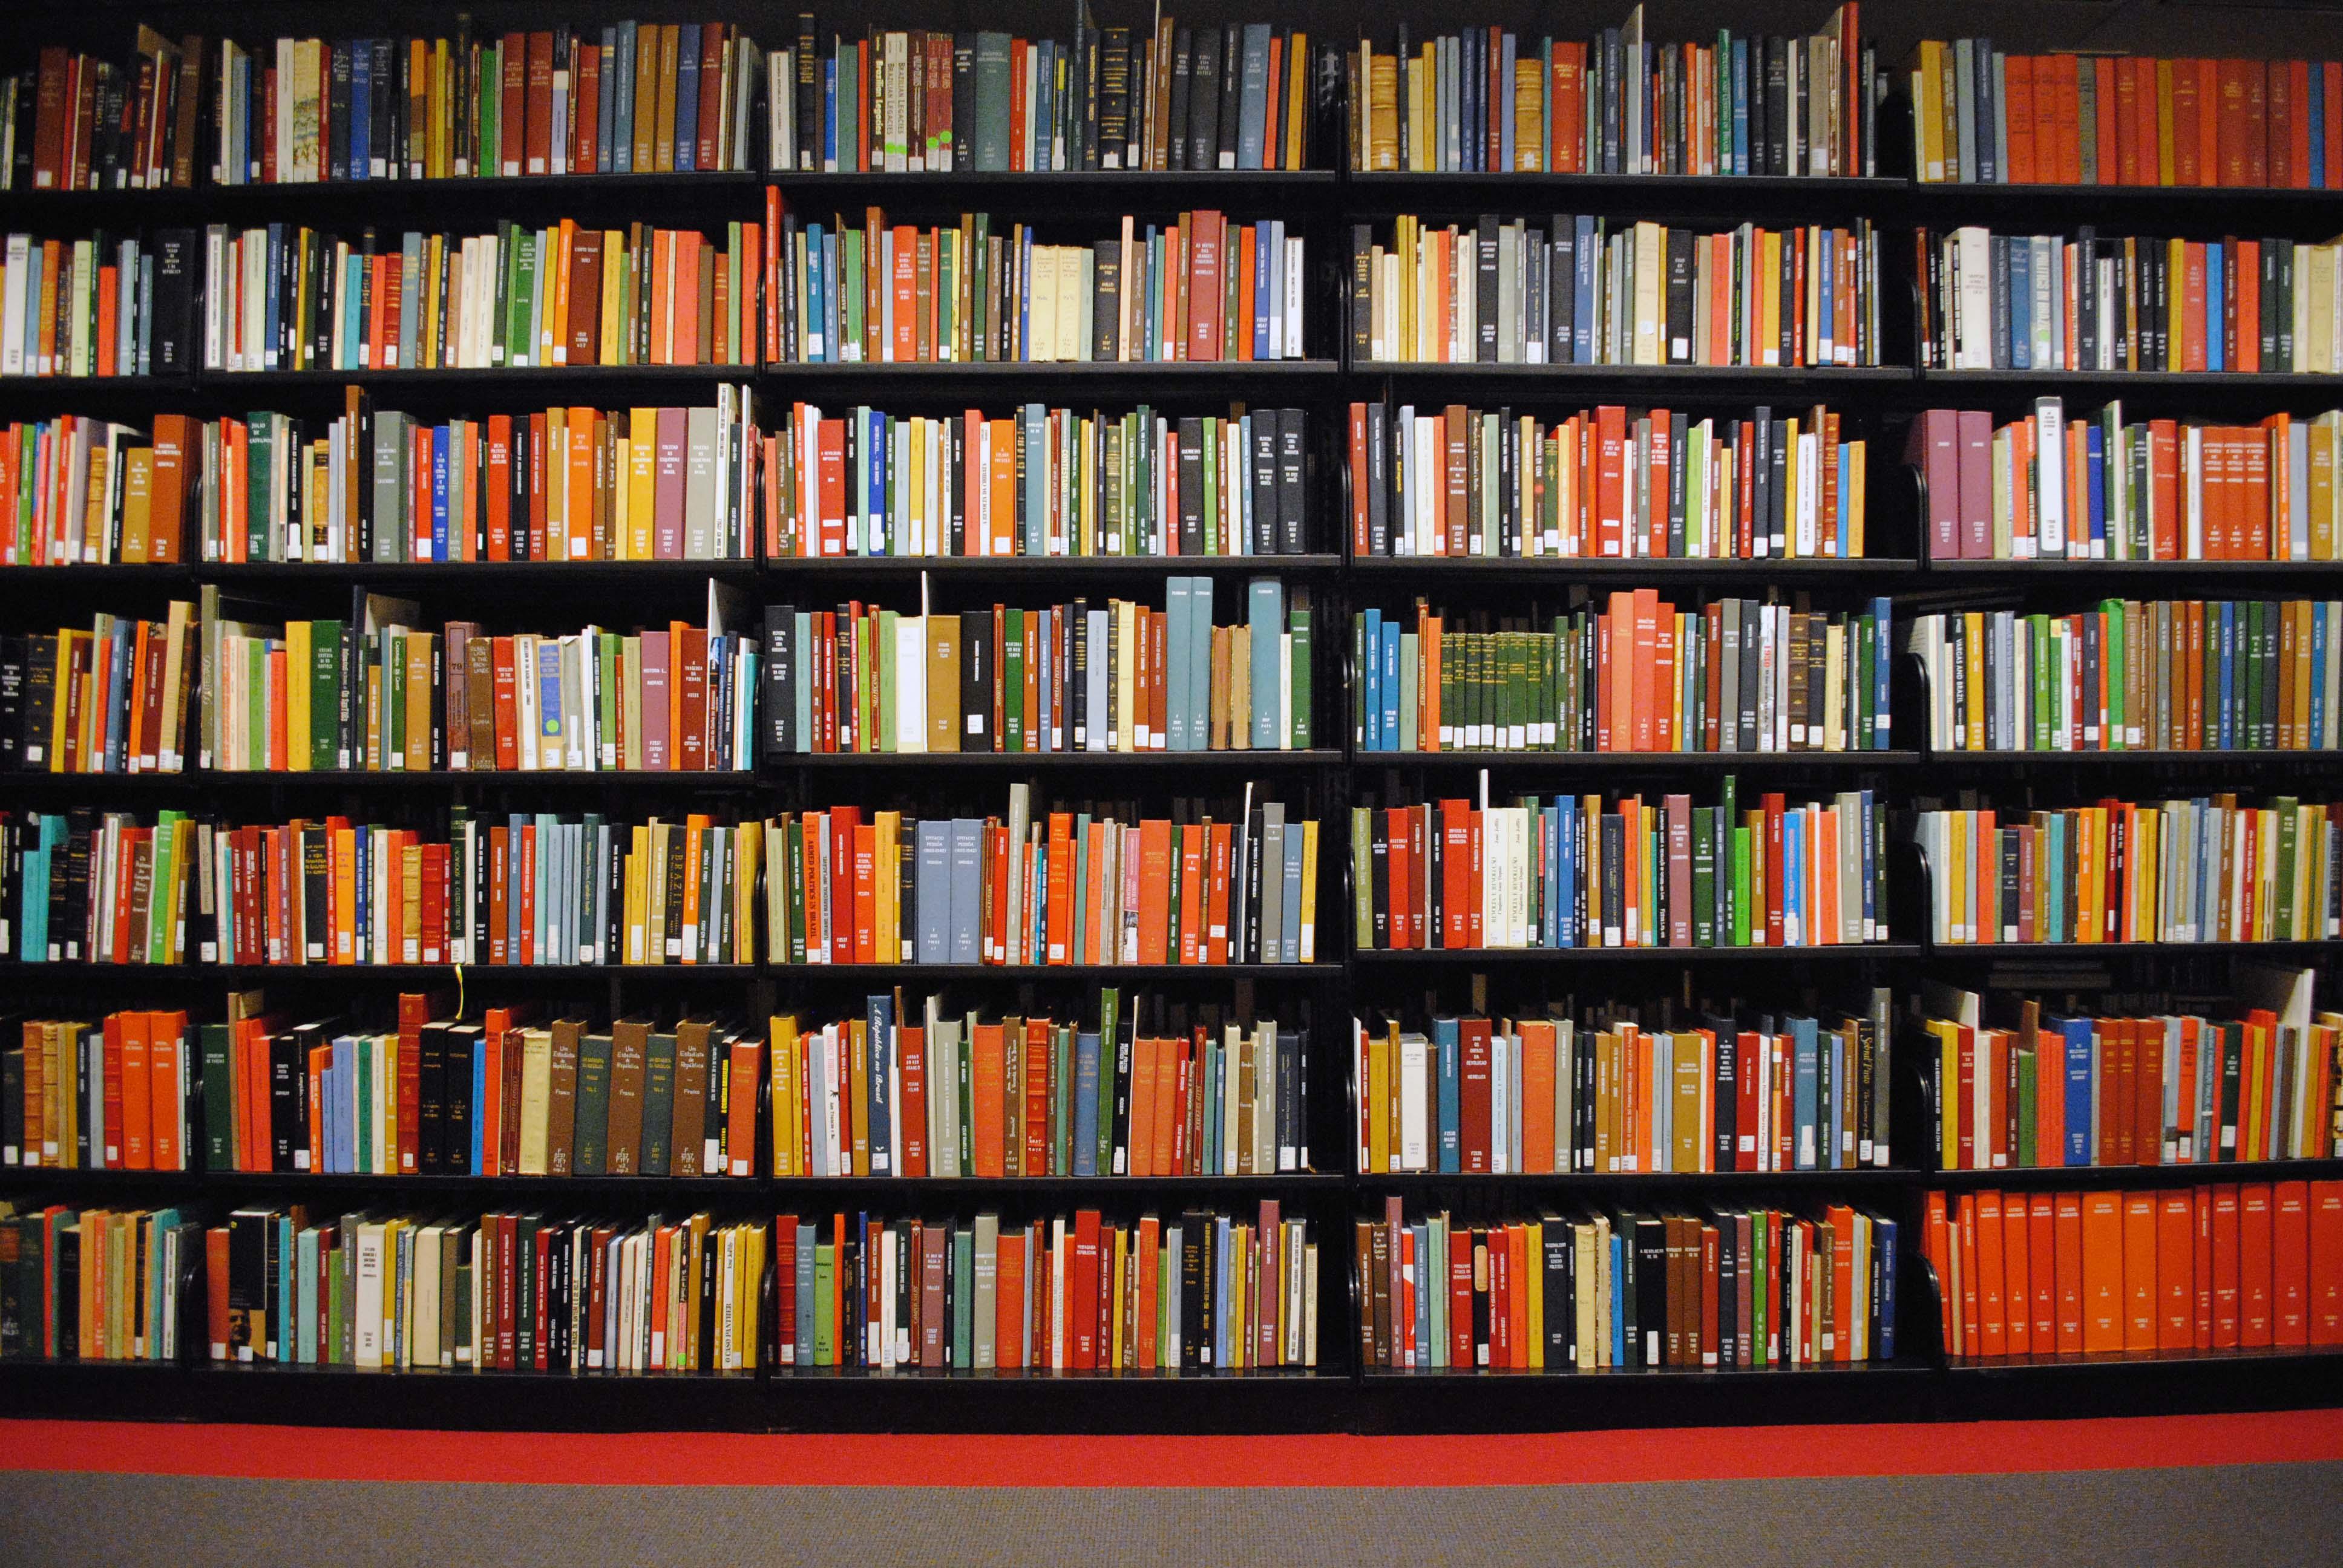 Apuntes luis deltell Estanteria de libros